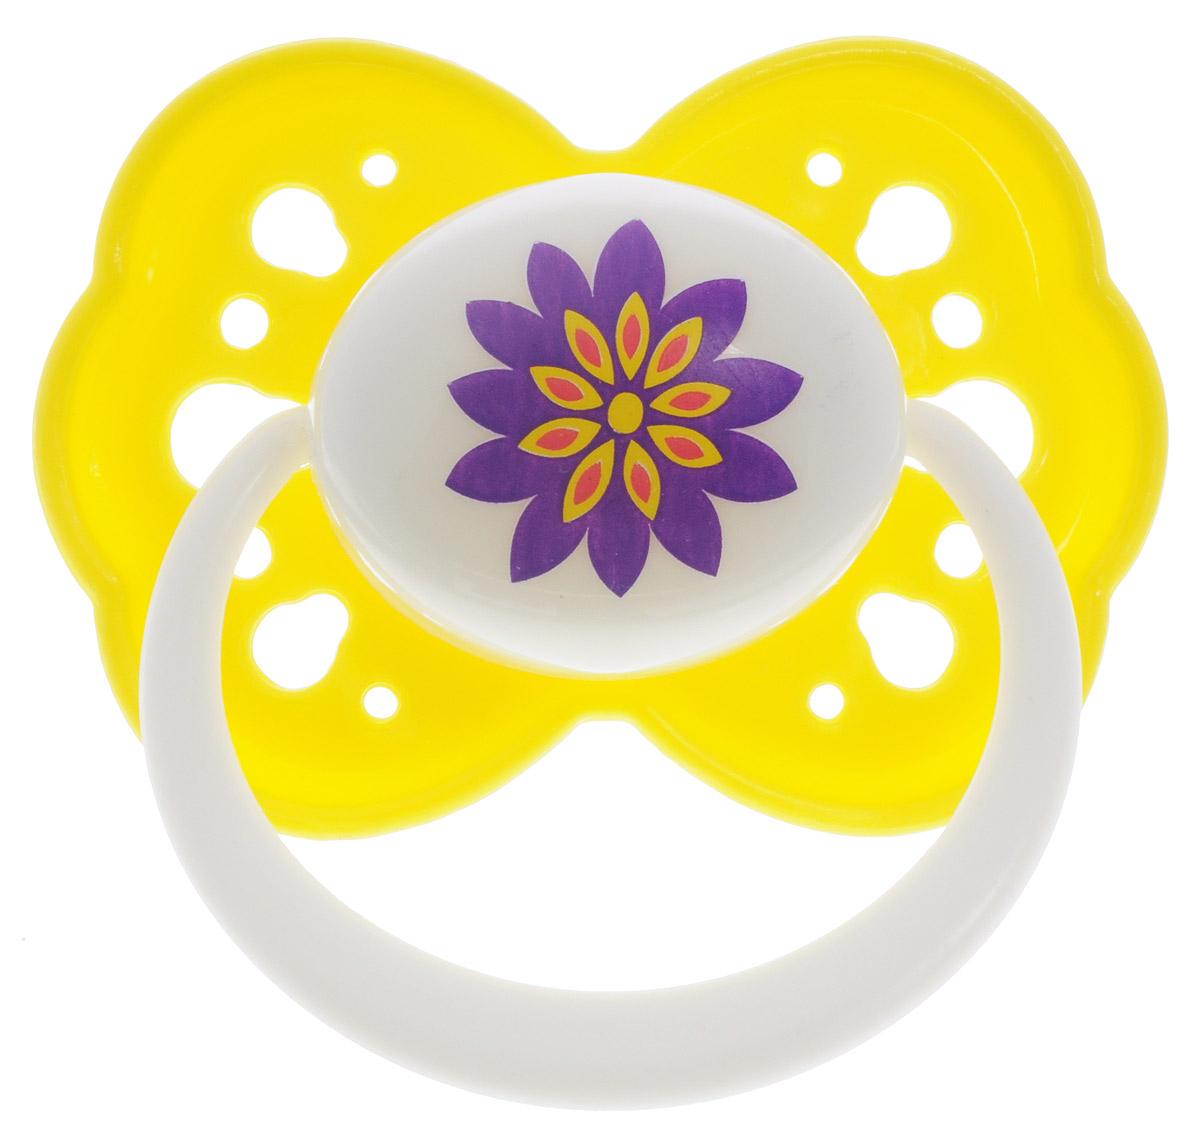 Lubby Пустышка силиконовая Малыши и малышки от 0 месяцев цвет желтый11401_желтыйПустышка силиконовая Lubby Малыши и малышки предназначена для детей от 0 месяцев. Удобная силиконовая соска пустышки не обладает вкусом и запахом, что делает ее наиболее приемлемой для малыша. Силикон - это мягкий и прозрачный материал, который не липнет и легко моется. Такая соска прочна и прослужит долго, не потеряв со временем форму и цвет. Форма соски учитывает строение и естественное развитие неба, зубов и десен малыша и гарантирует комфорт, даже если пустышка перевернется во рту. Предохранительное кольцо-держатель позволяет в любой момент легко вынуть пустышку. В комплекте пустышка с гигиеническим колпачком.